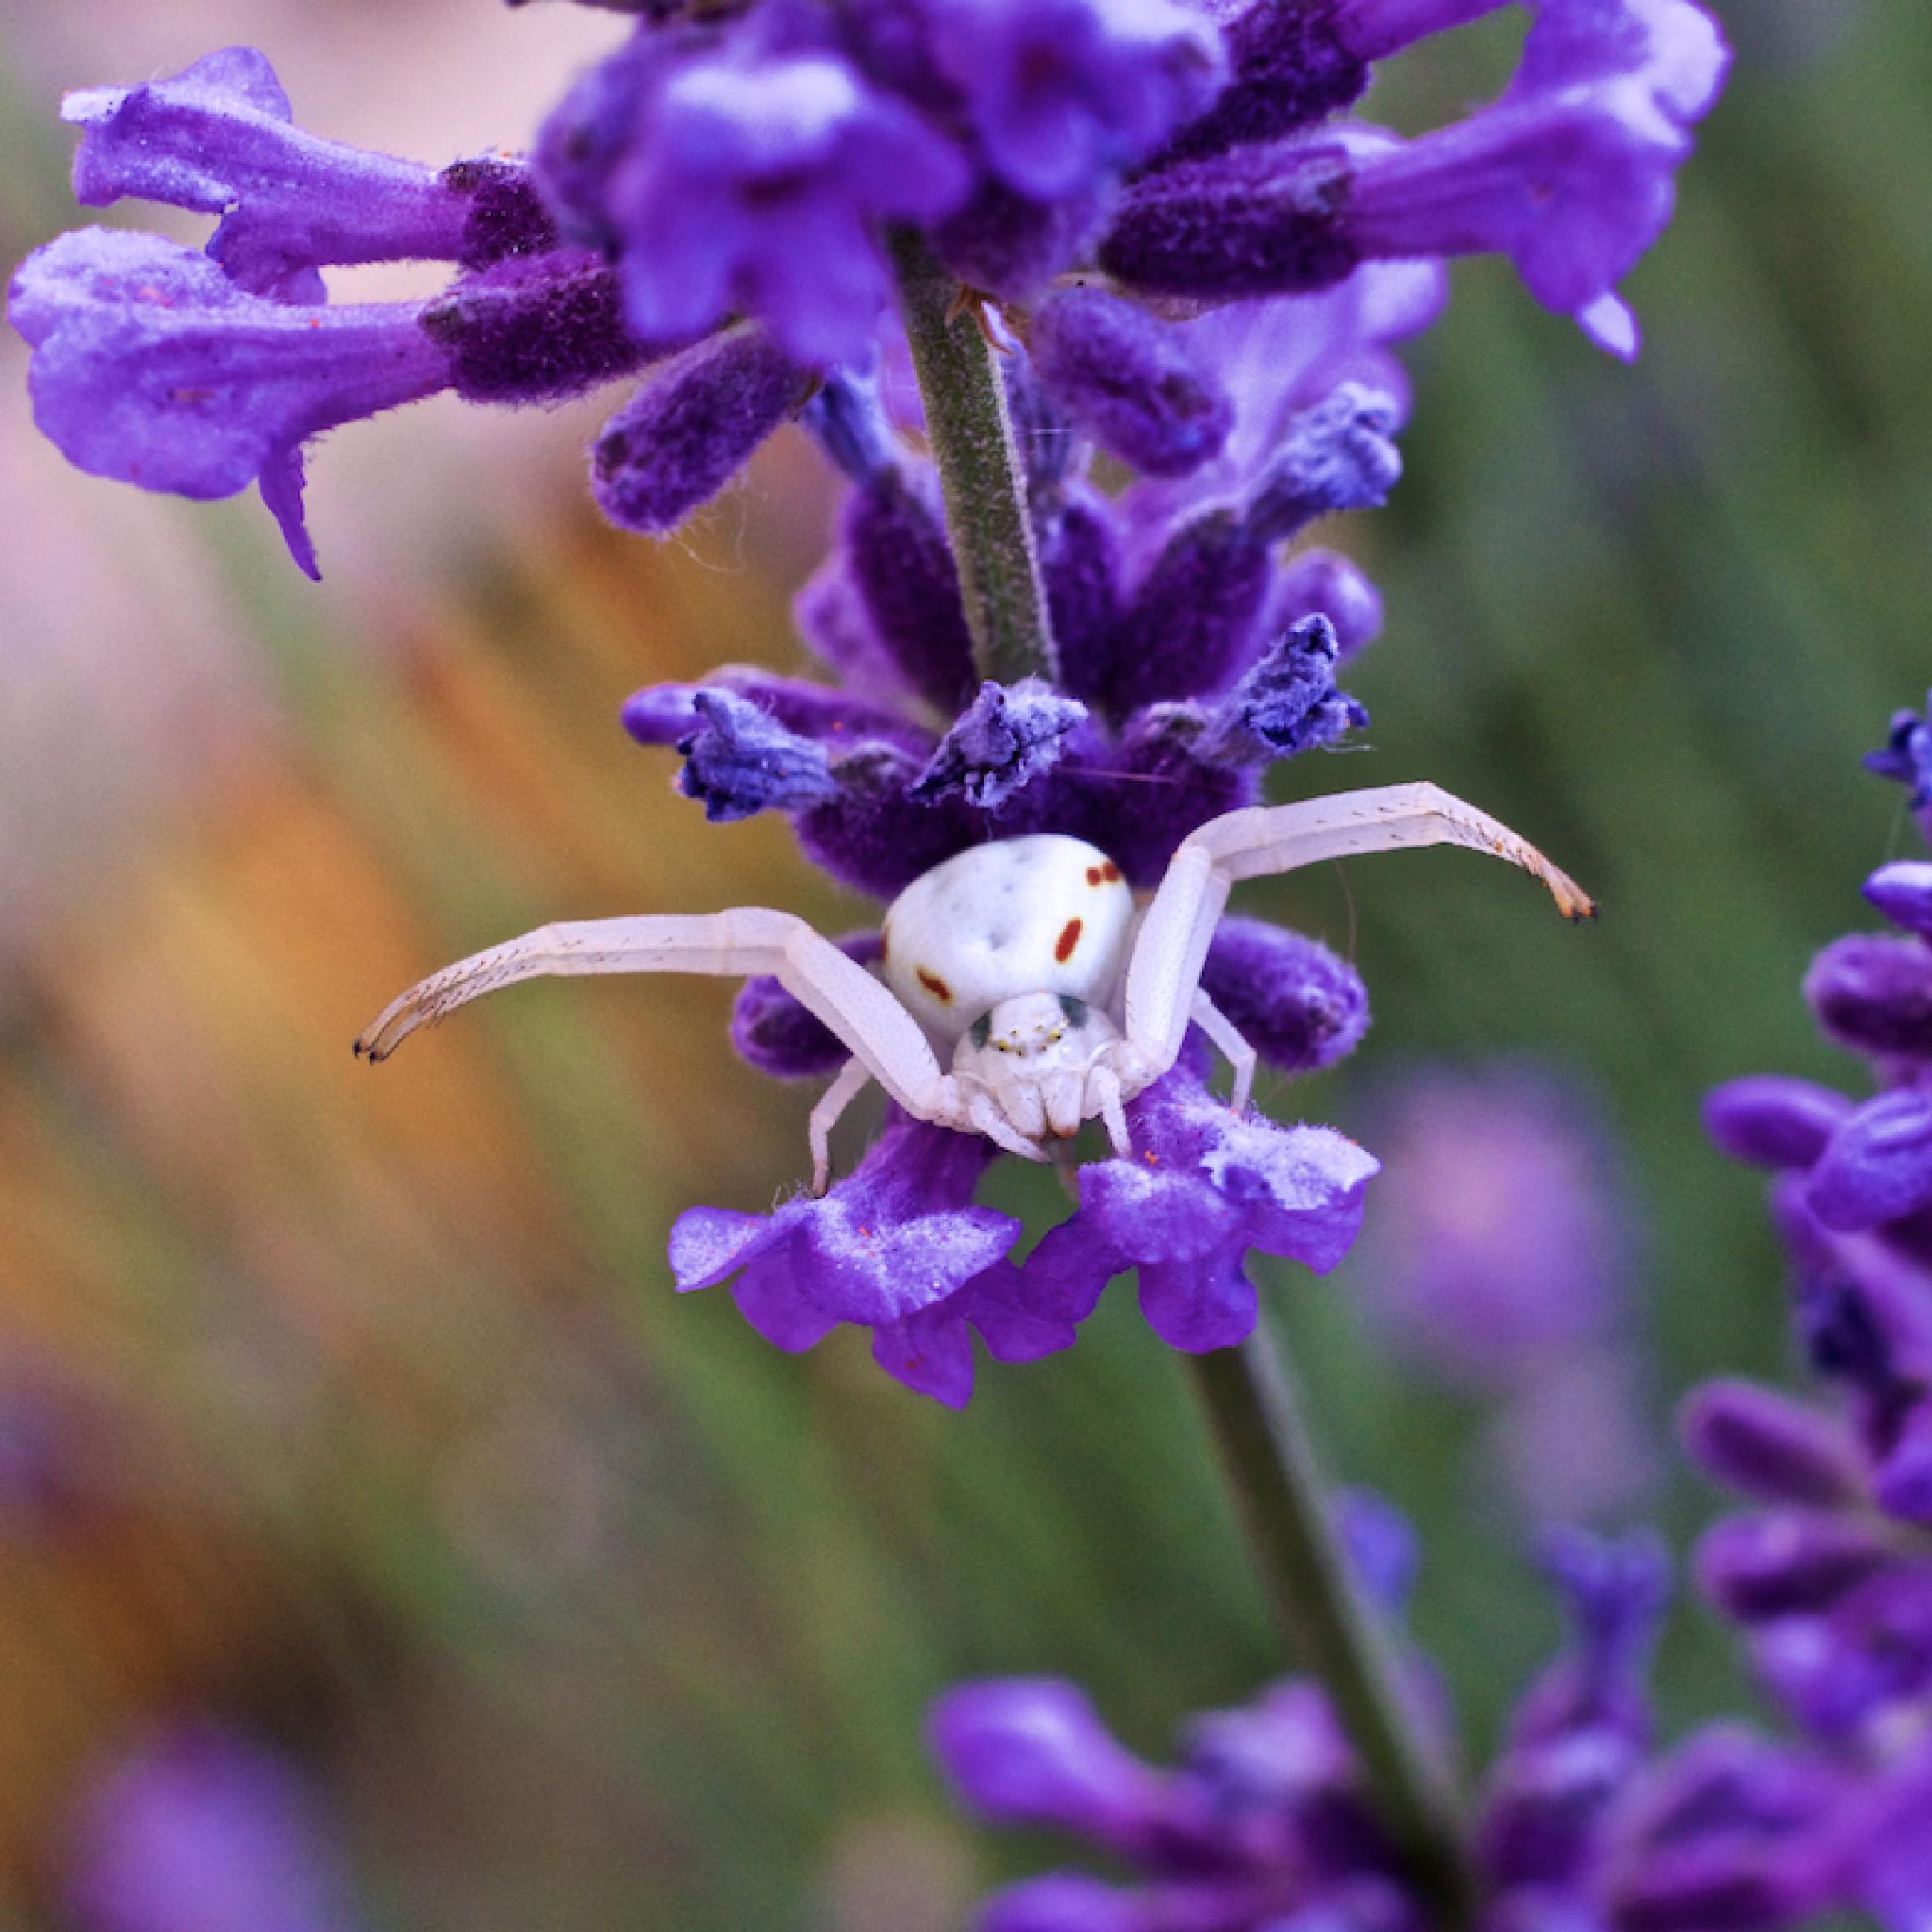 Krabbenspinne by nafo.fotodesign